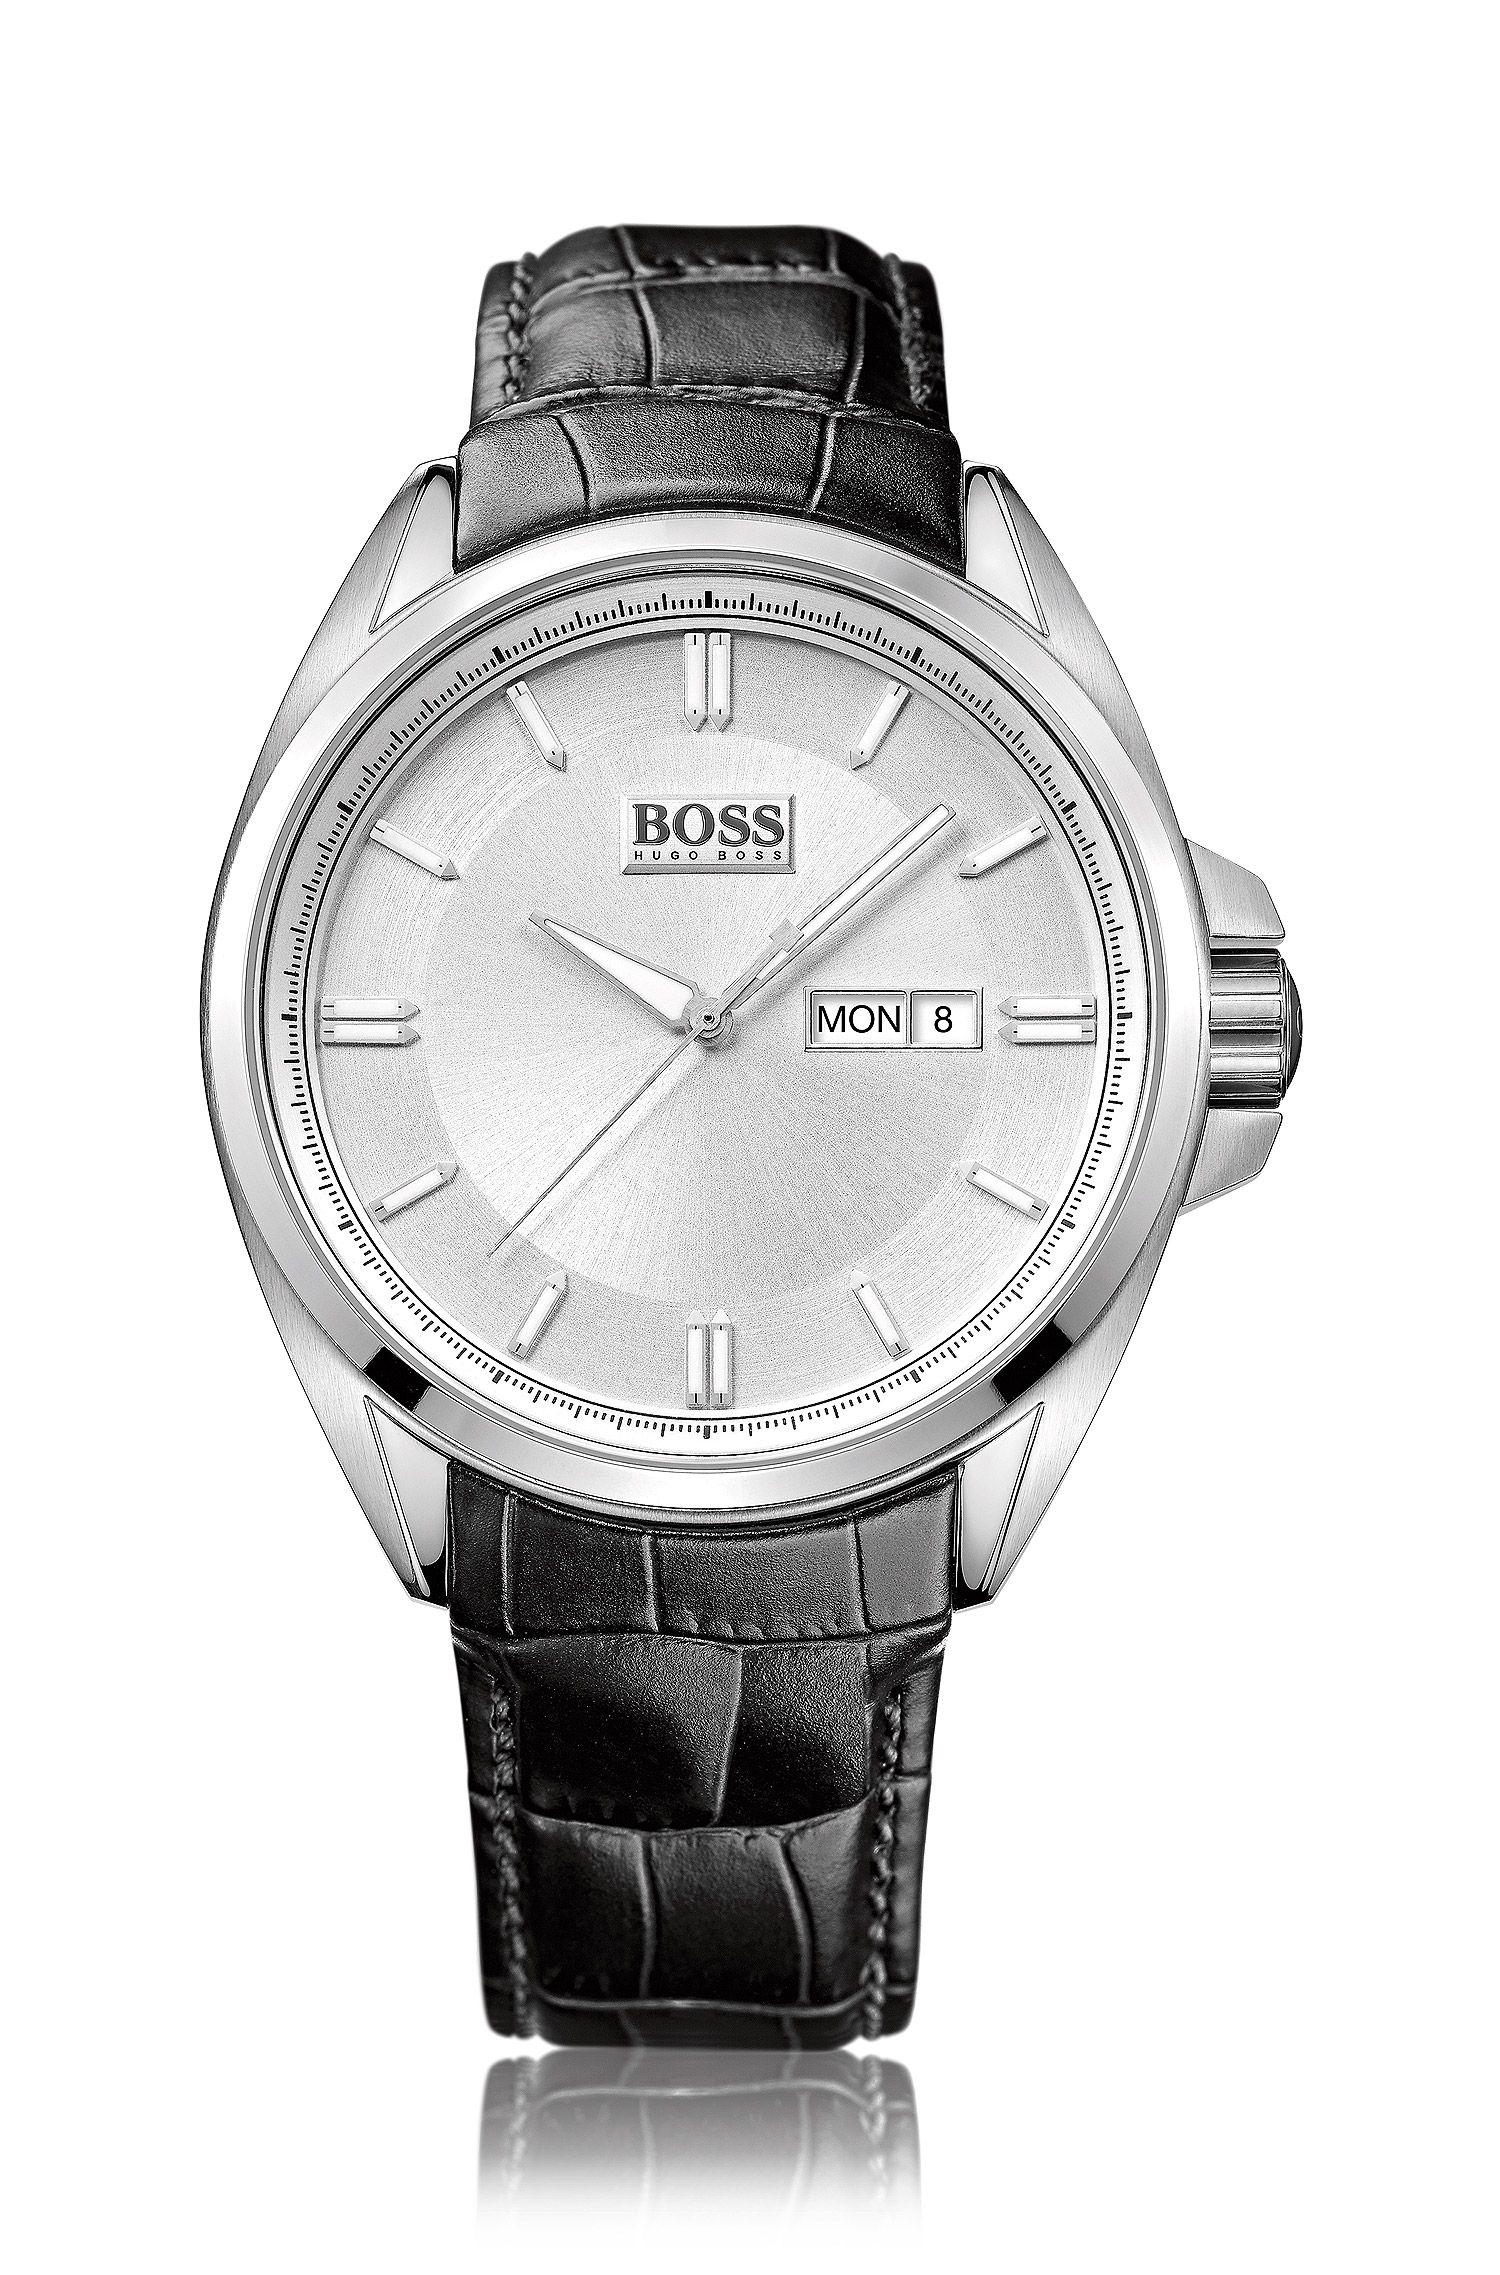 Montre-bracelet pour homme«HB301» avec boîtier en acier inoxydable